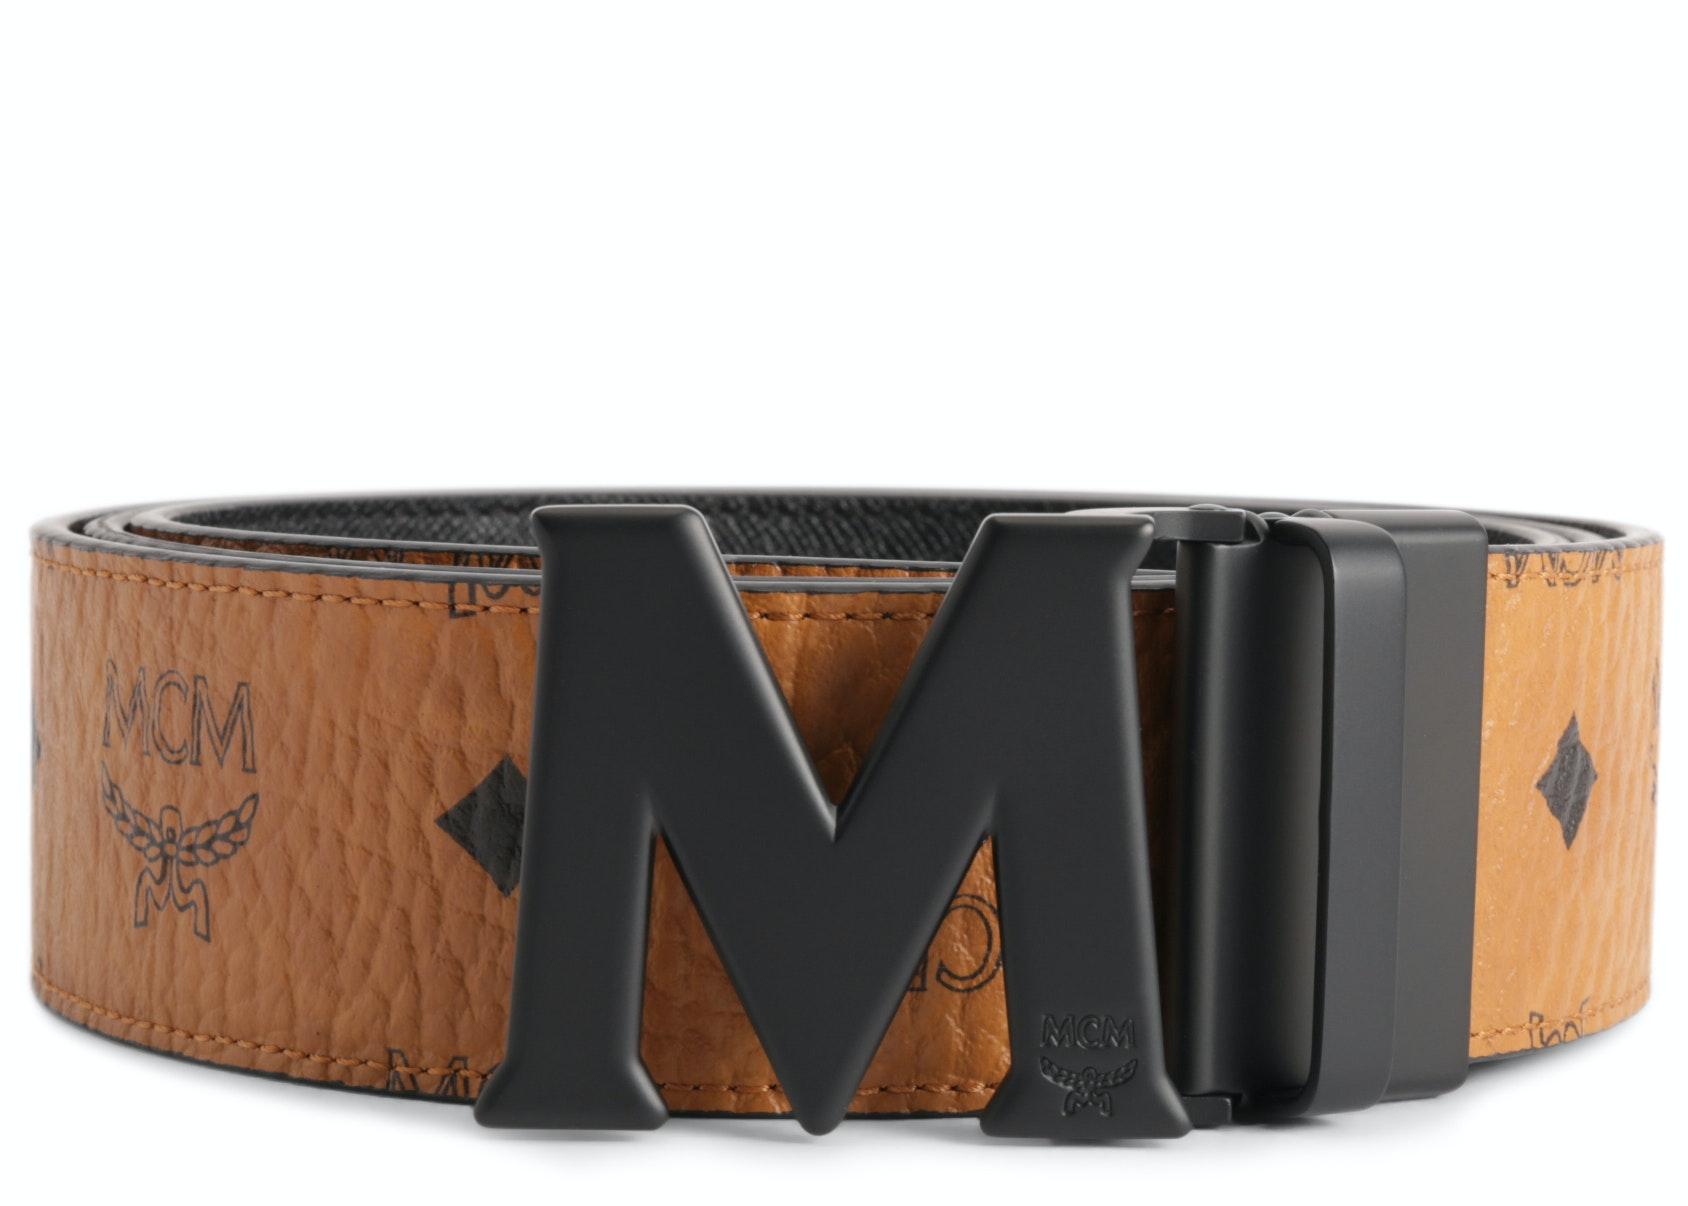 MCM Claus M Reversible Belt Visetos Matte Black-tone 1.75W 51In/130Cm Cognac